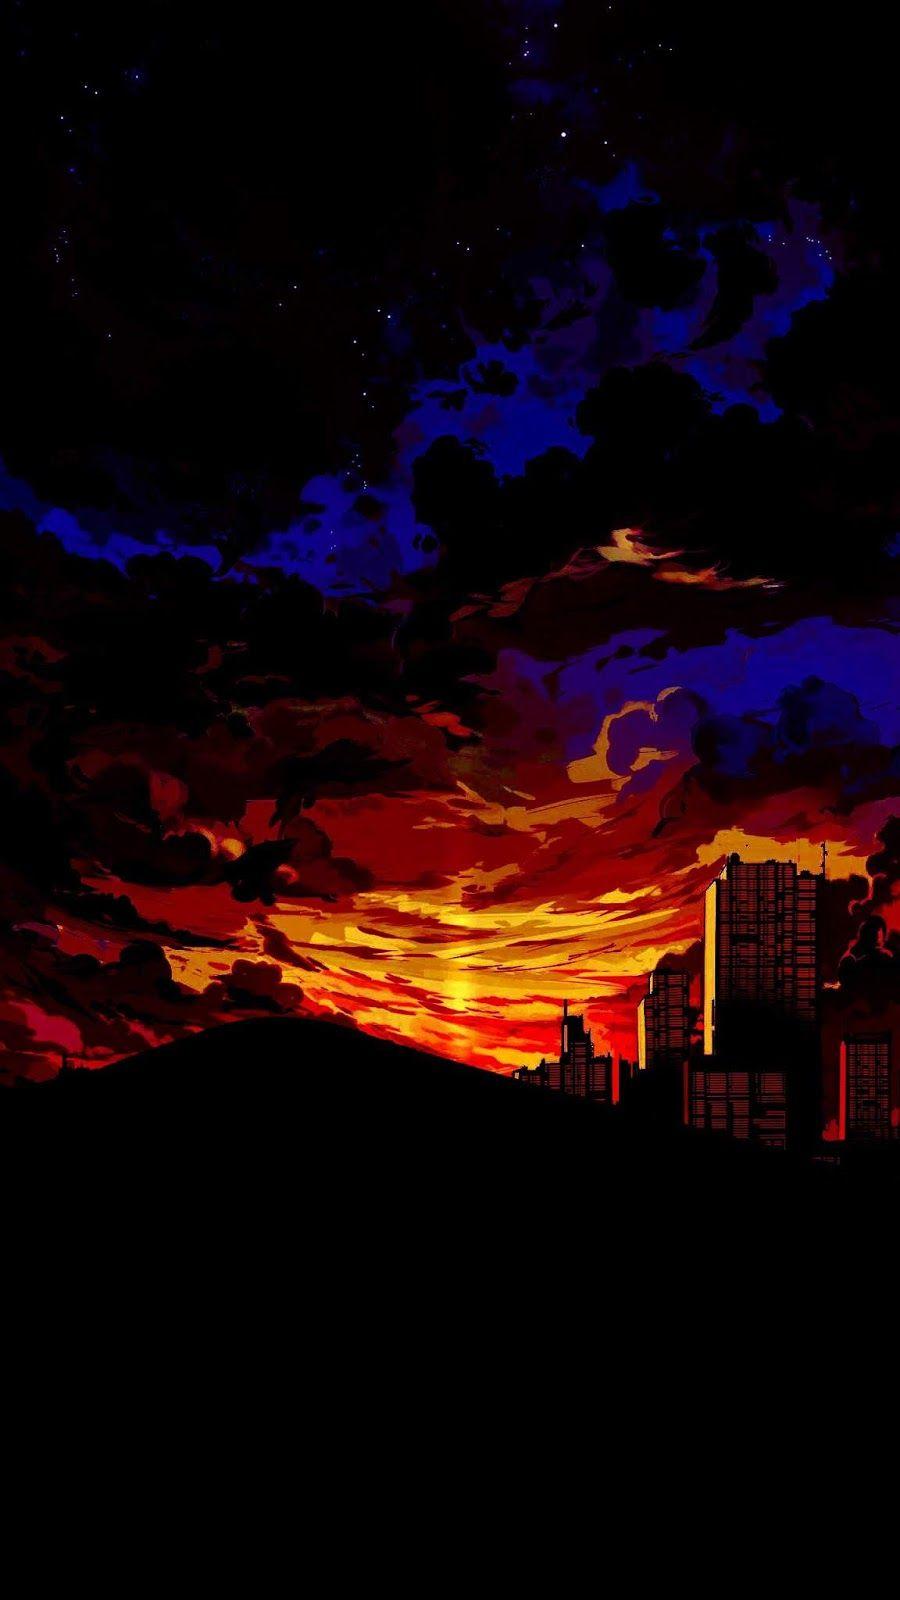 Anime Sunset In The Desert Landscape Wallpaper Scenery Wallpaper Swag Wallpaper